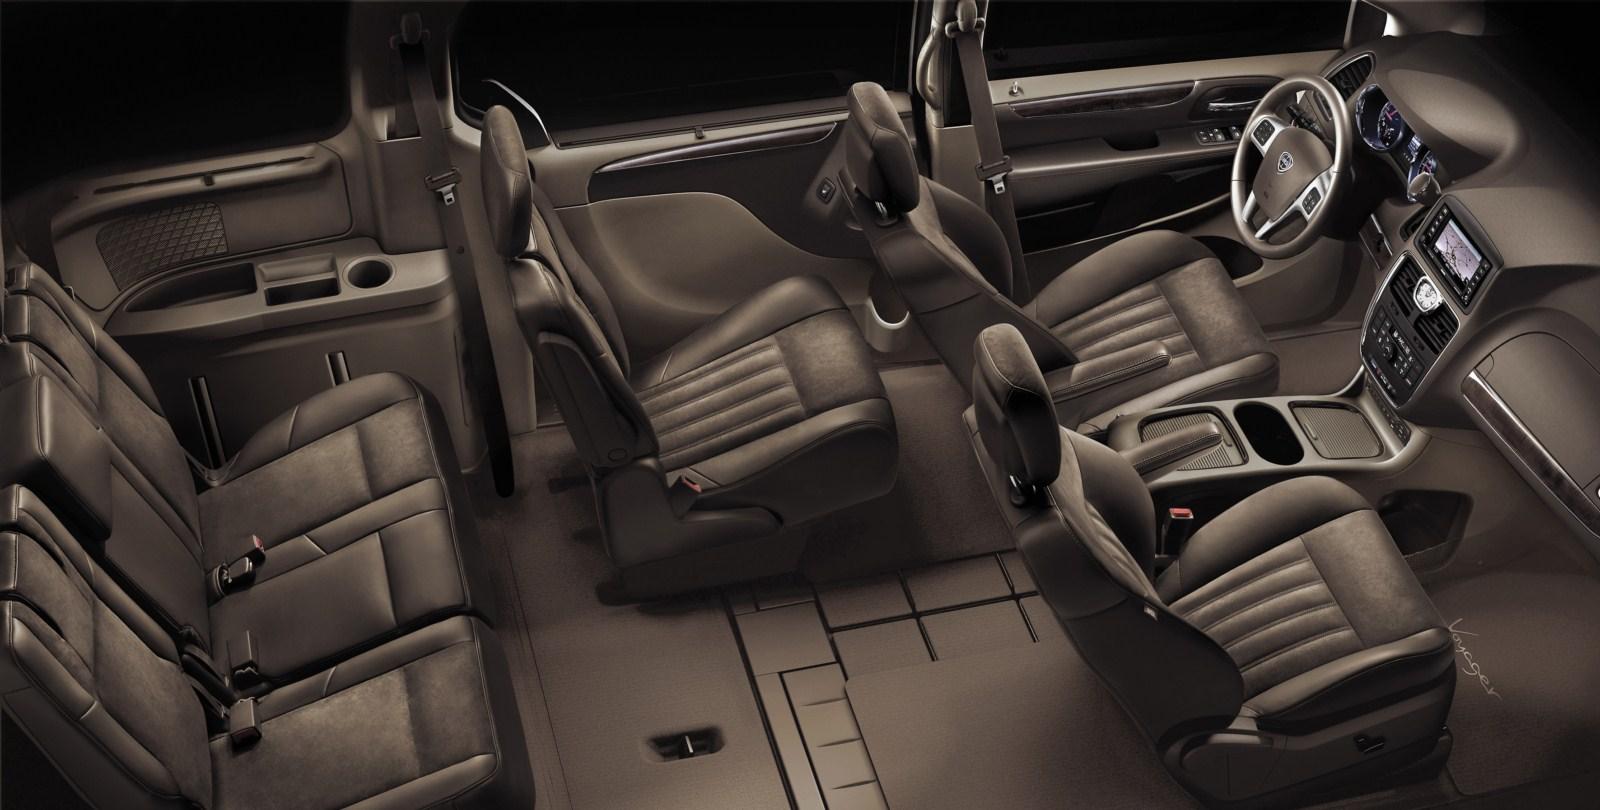 Latijnse limo s voor weinig deel Marktplaats Autoinspiratie Aankooptips  occasions Lancia Ypsilon VIDEO Autoblog